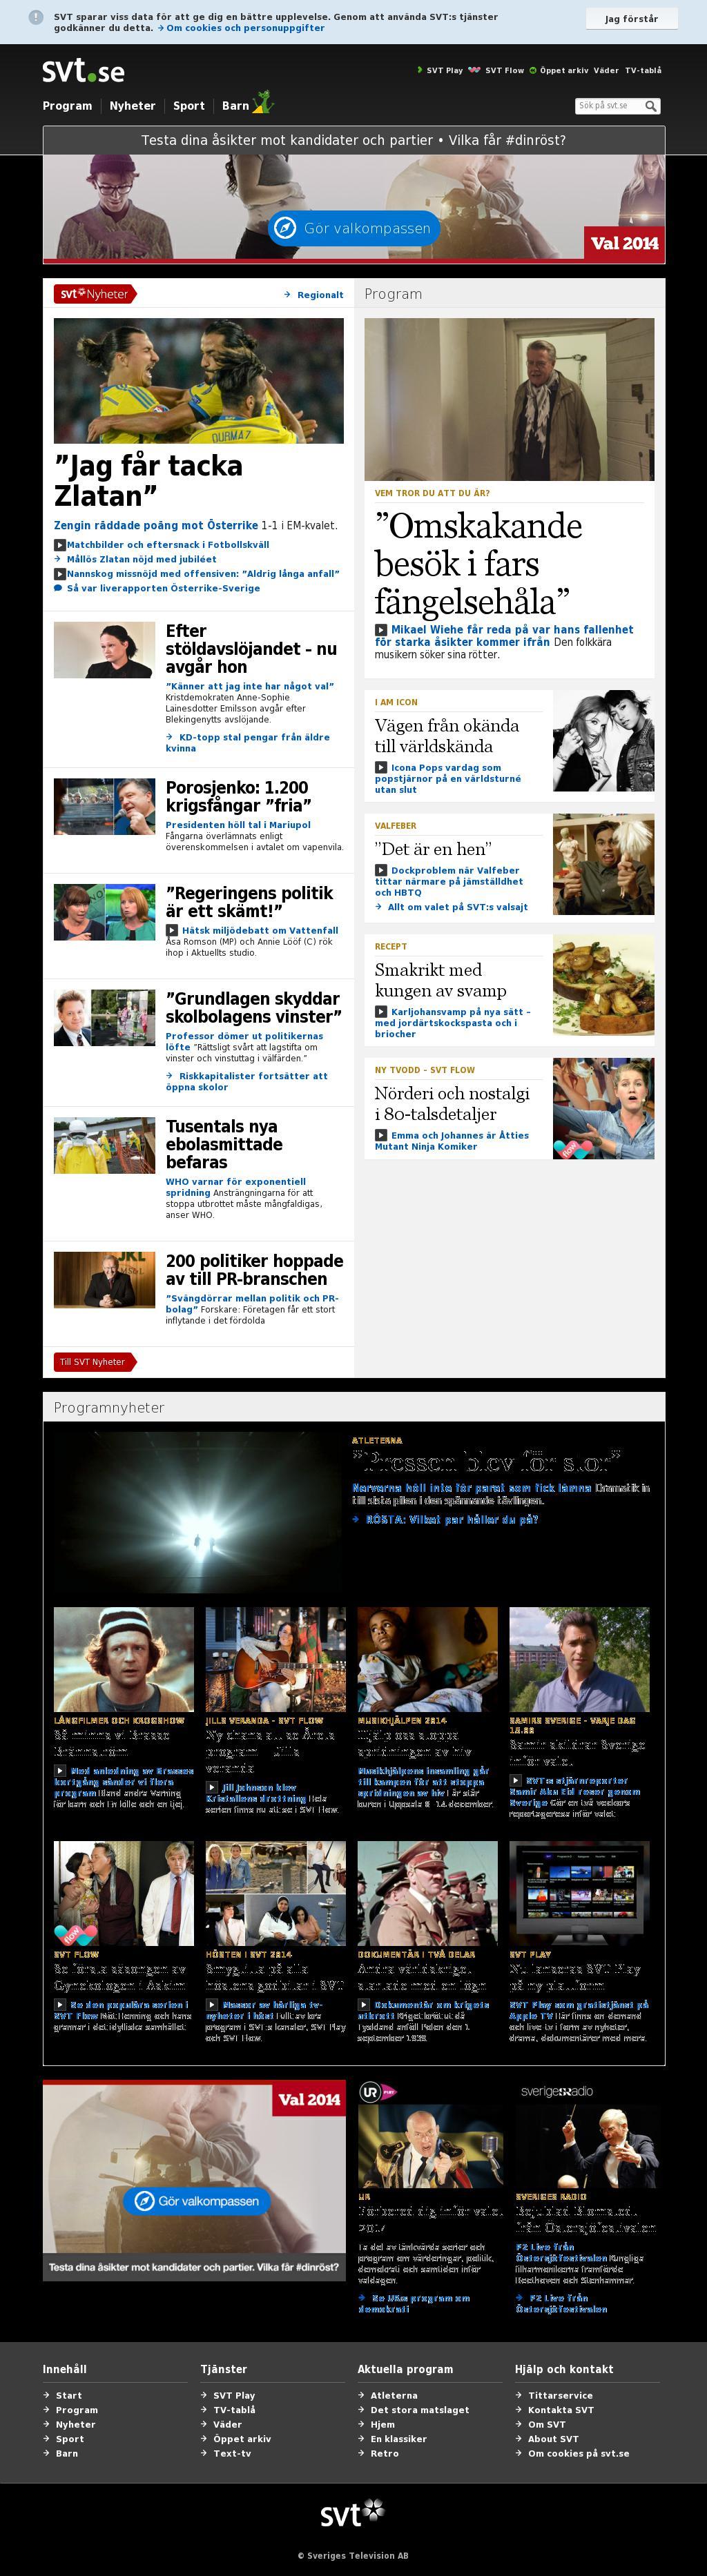 SVT at Monday Sept. 8, 2014, 10:24 p.m. UTC